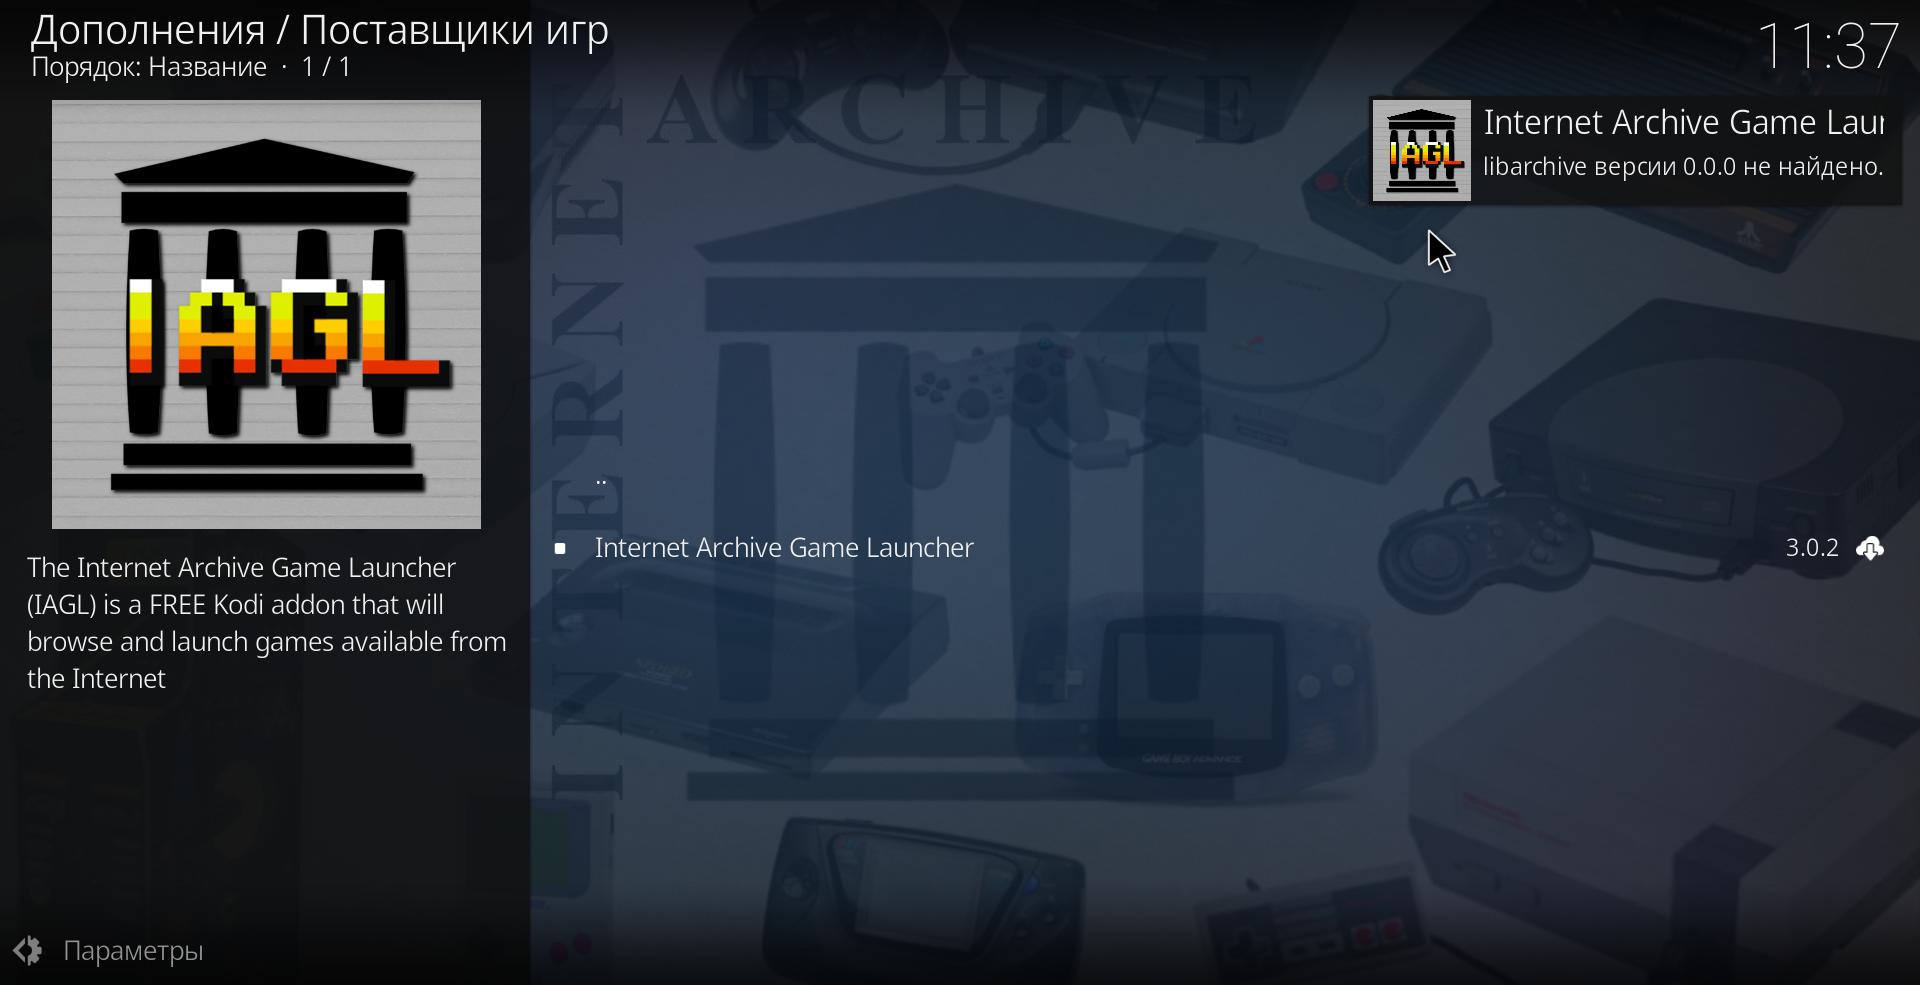 Ошибка при установке Internet Archive Game Launcher